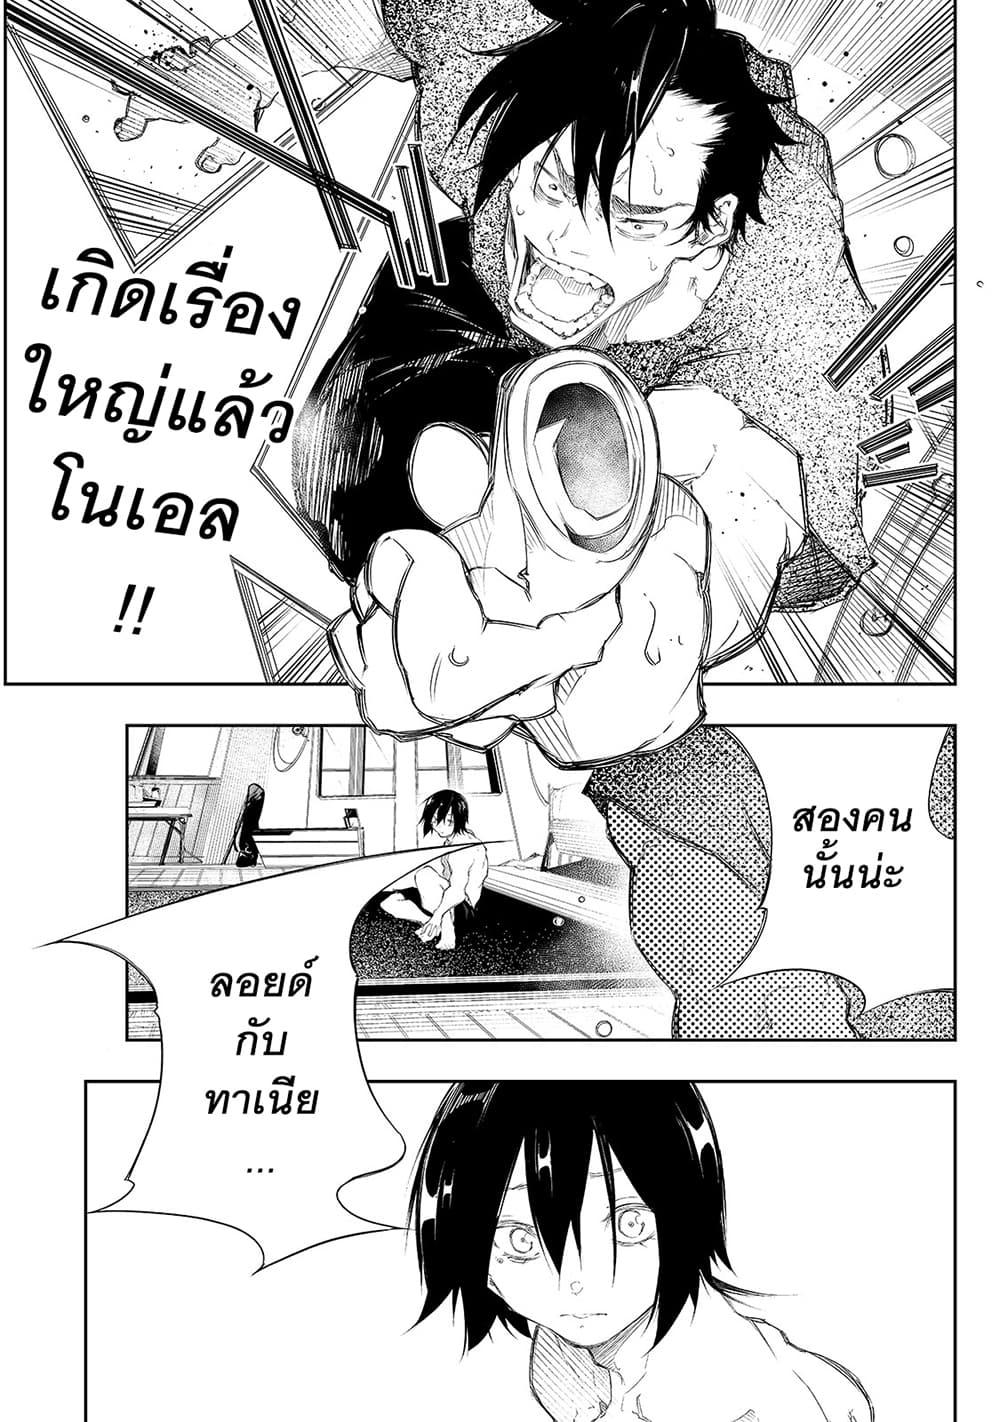 อ่านการ์ตูน Saikyou no Shien-shoku Wajutsushi Dearu Ore wa Sekai Saikyou Kuran o Shitagaeru ตอนที่ 4 หน้าที่ 19